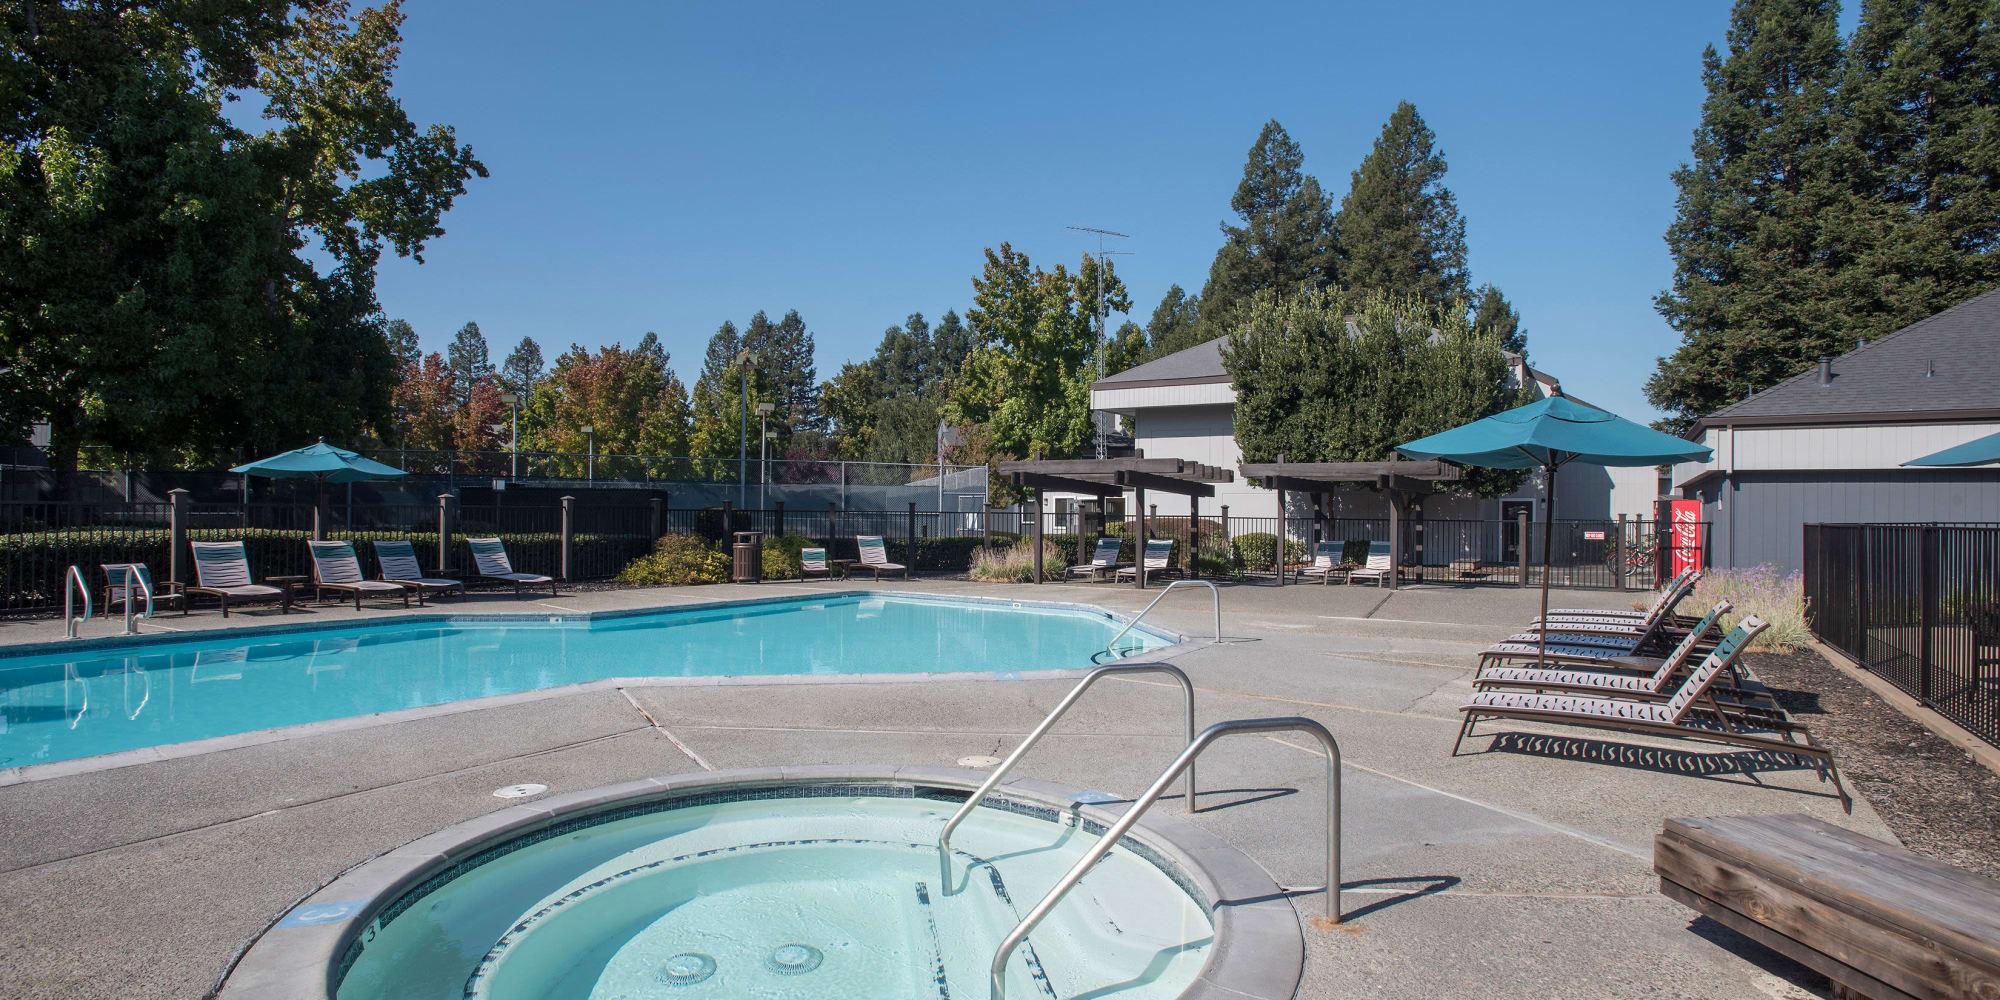 Luxury Park Ridge Apartment Homes in Rohnert Park, California